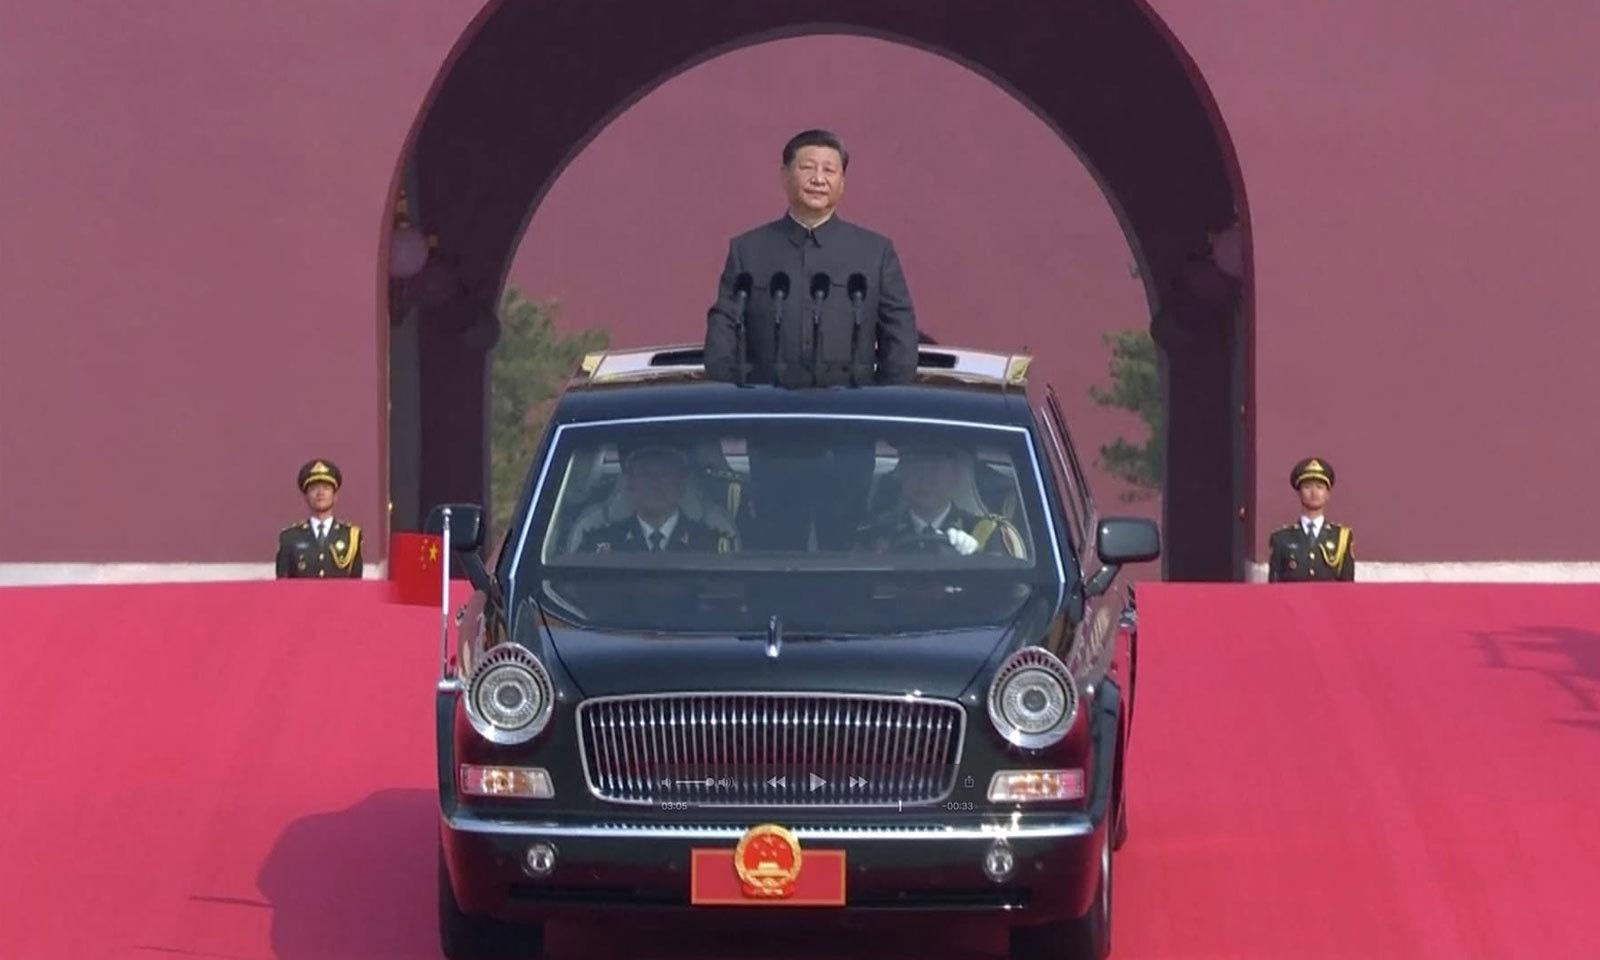 تقریب میں چینی صدر شی جن پنگ سرمئی رنگ کے 'ماؤ' سوٹ میں ملبوس تھے — فوٹو: اے پی